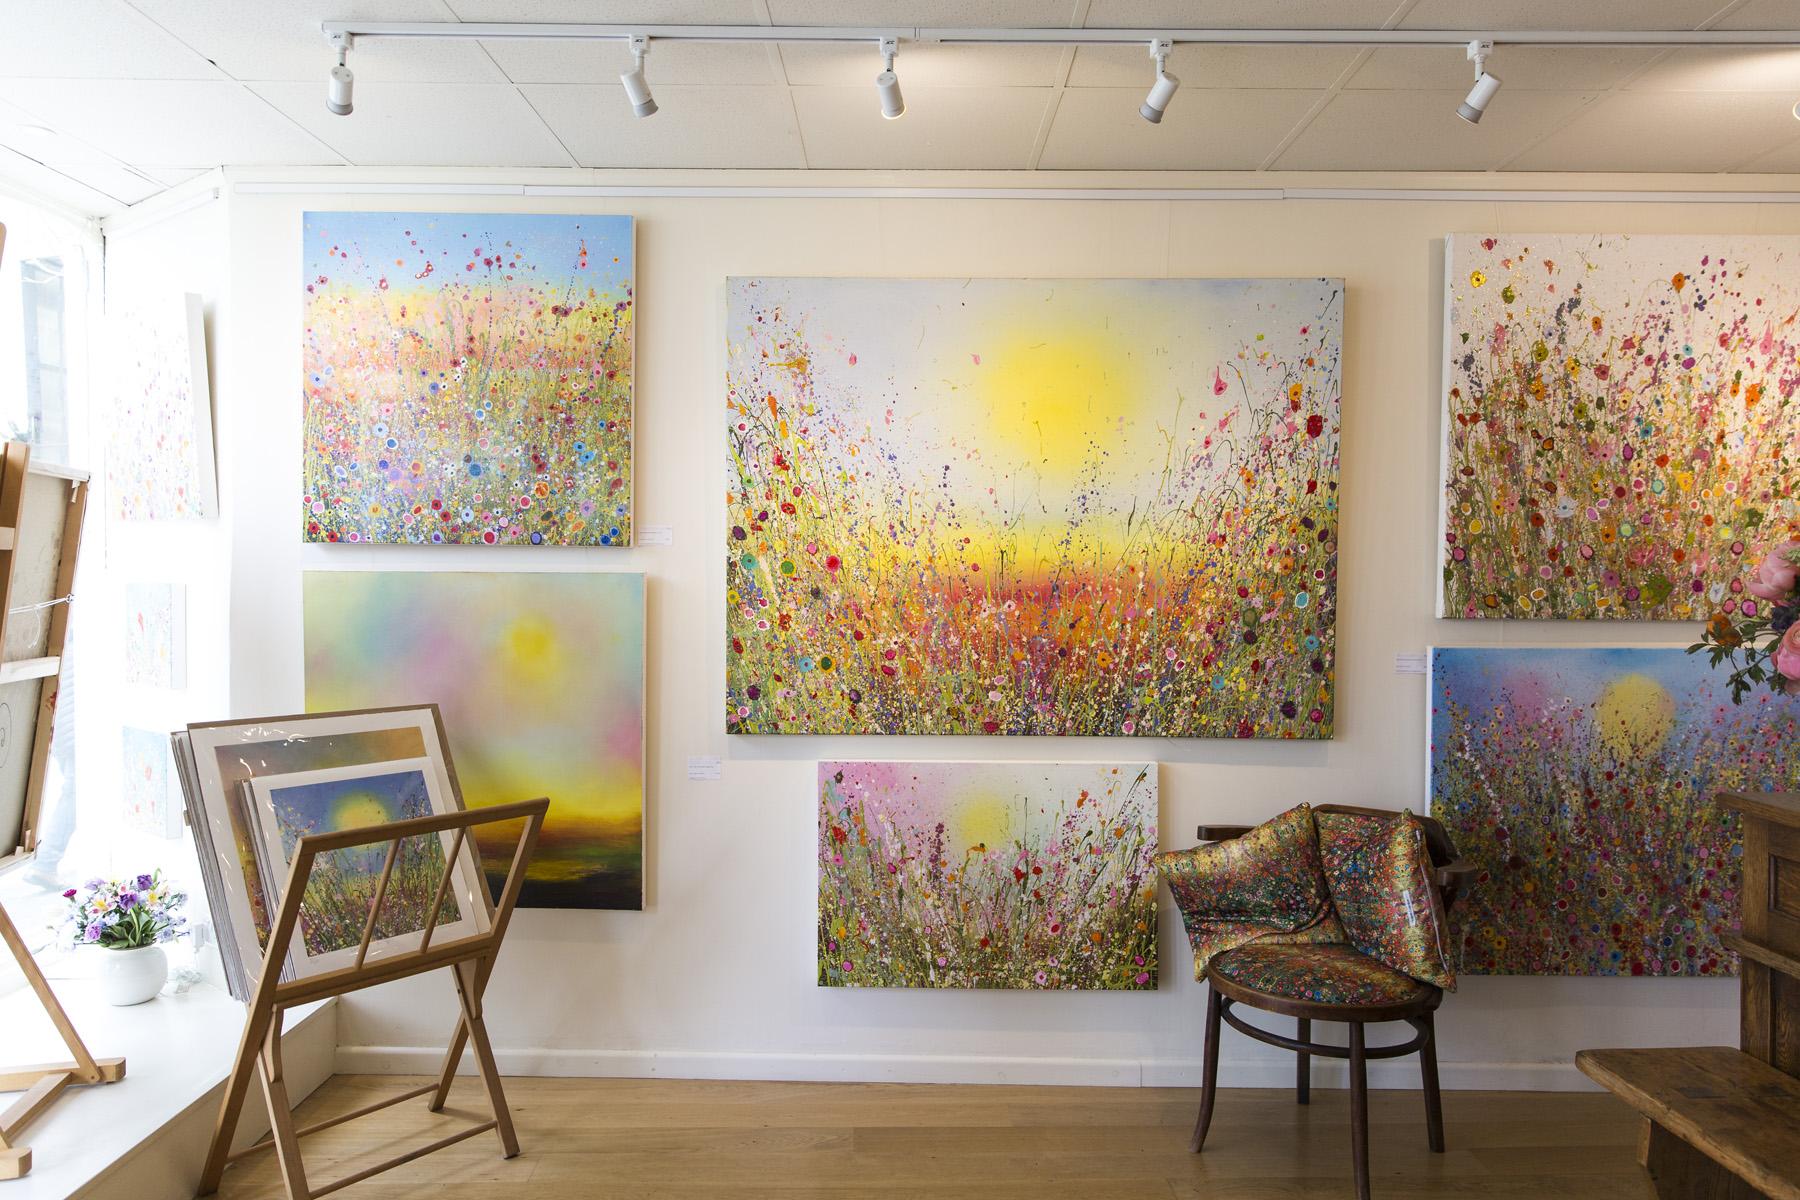 Yvonne Coomber Artist in Devon Retreat